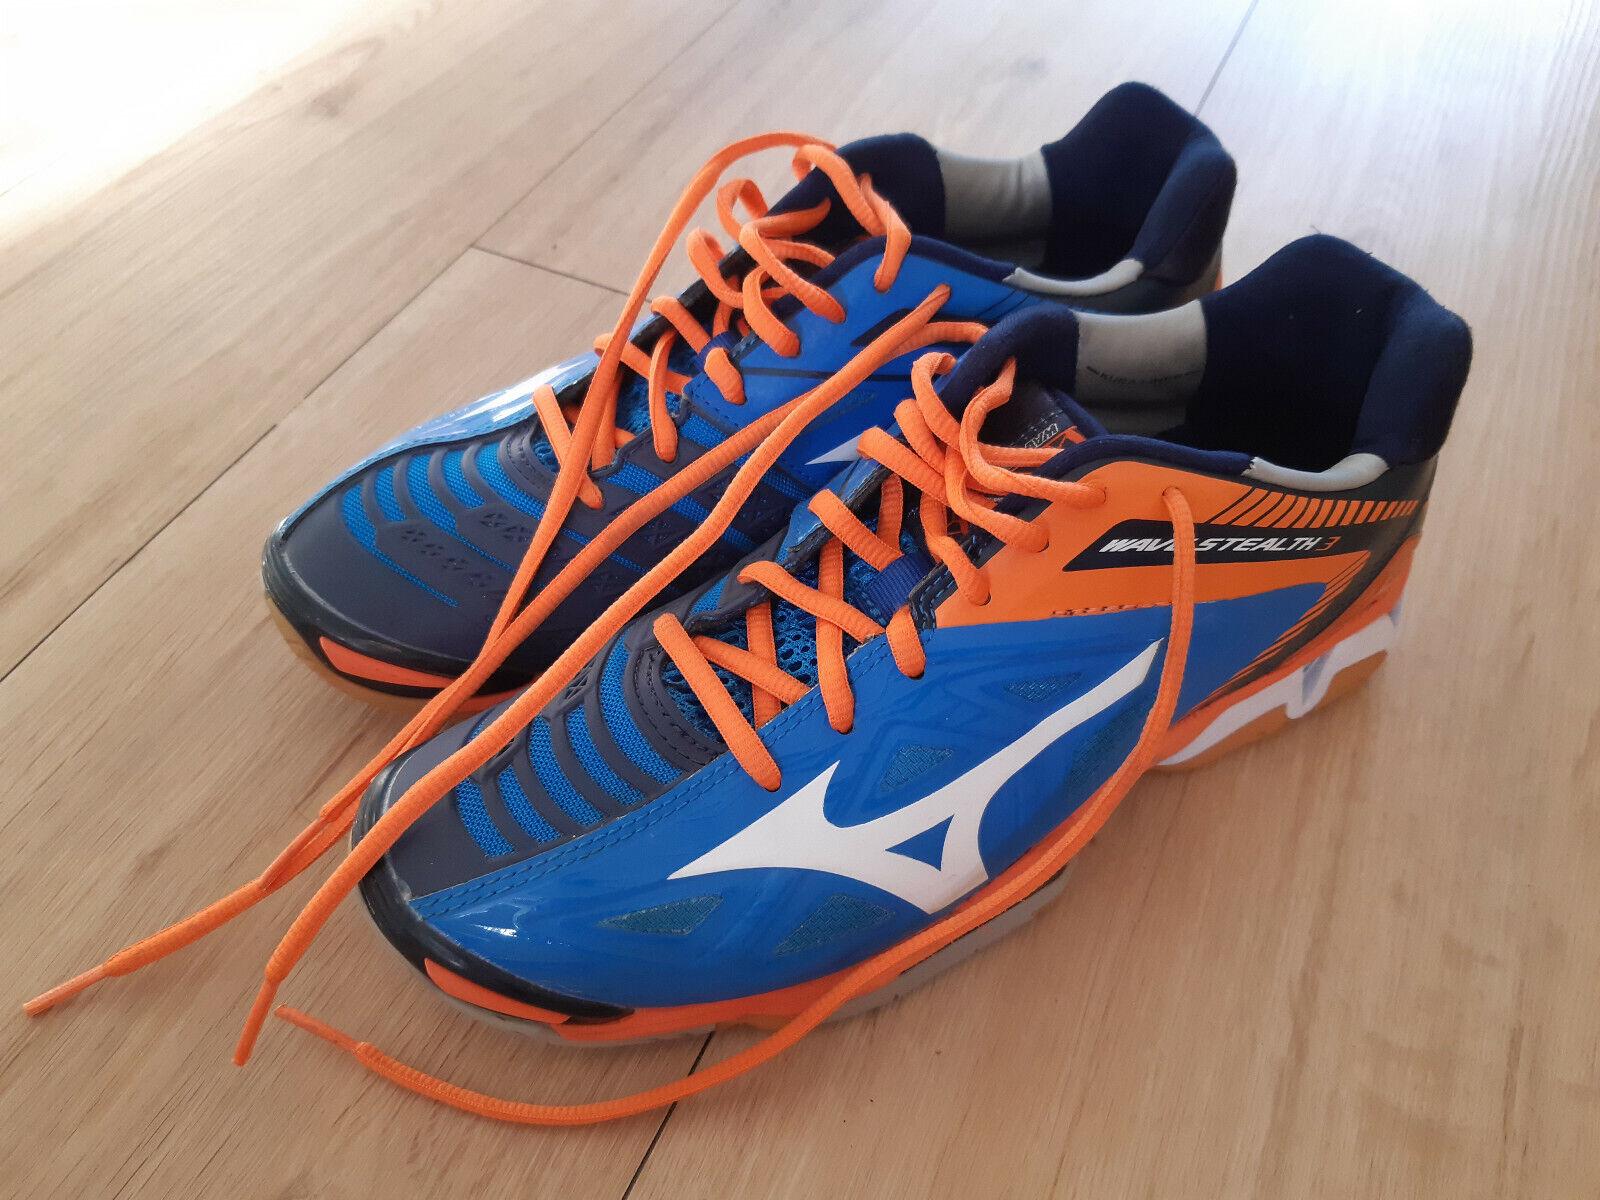 Mizuno Handballschuhe Wave Stealth 3 blau-orange Größe 40,5